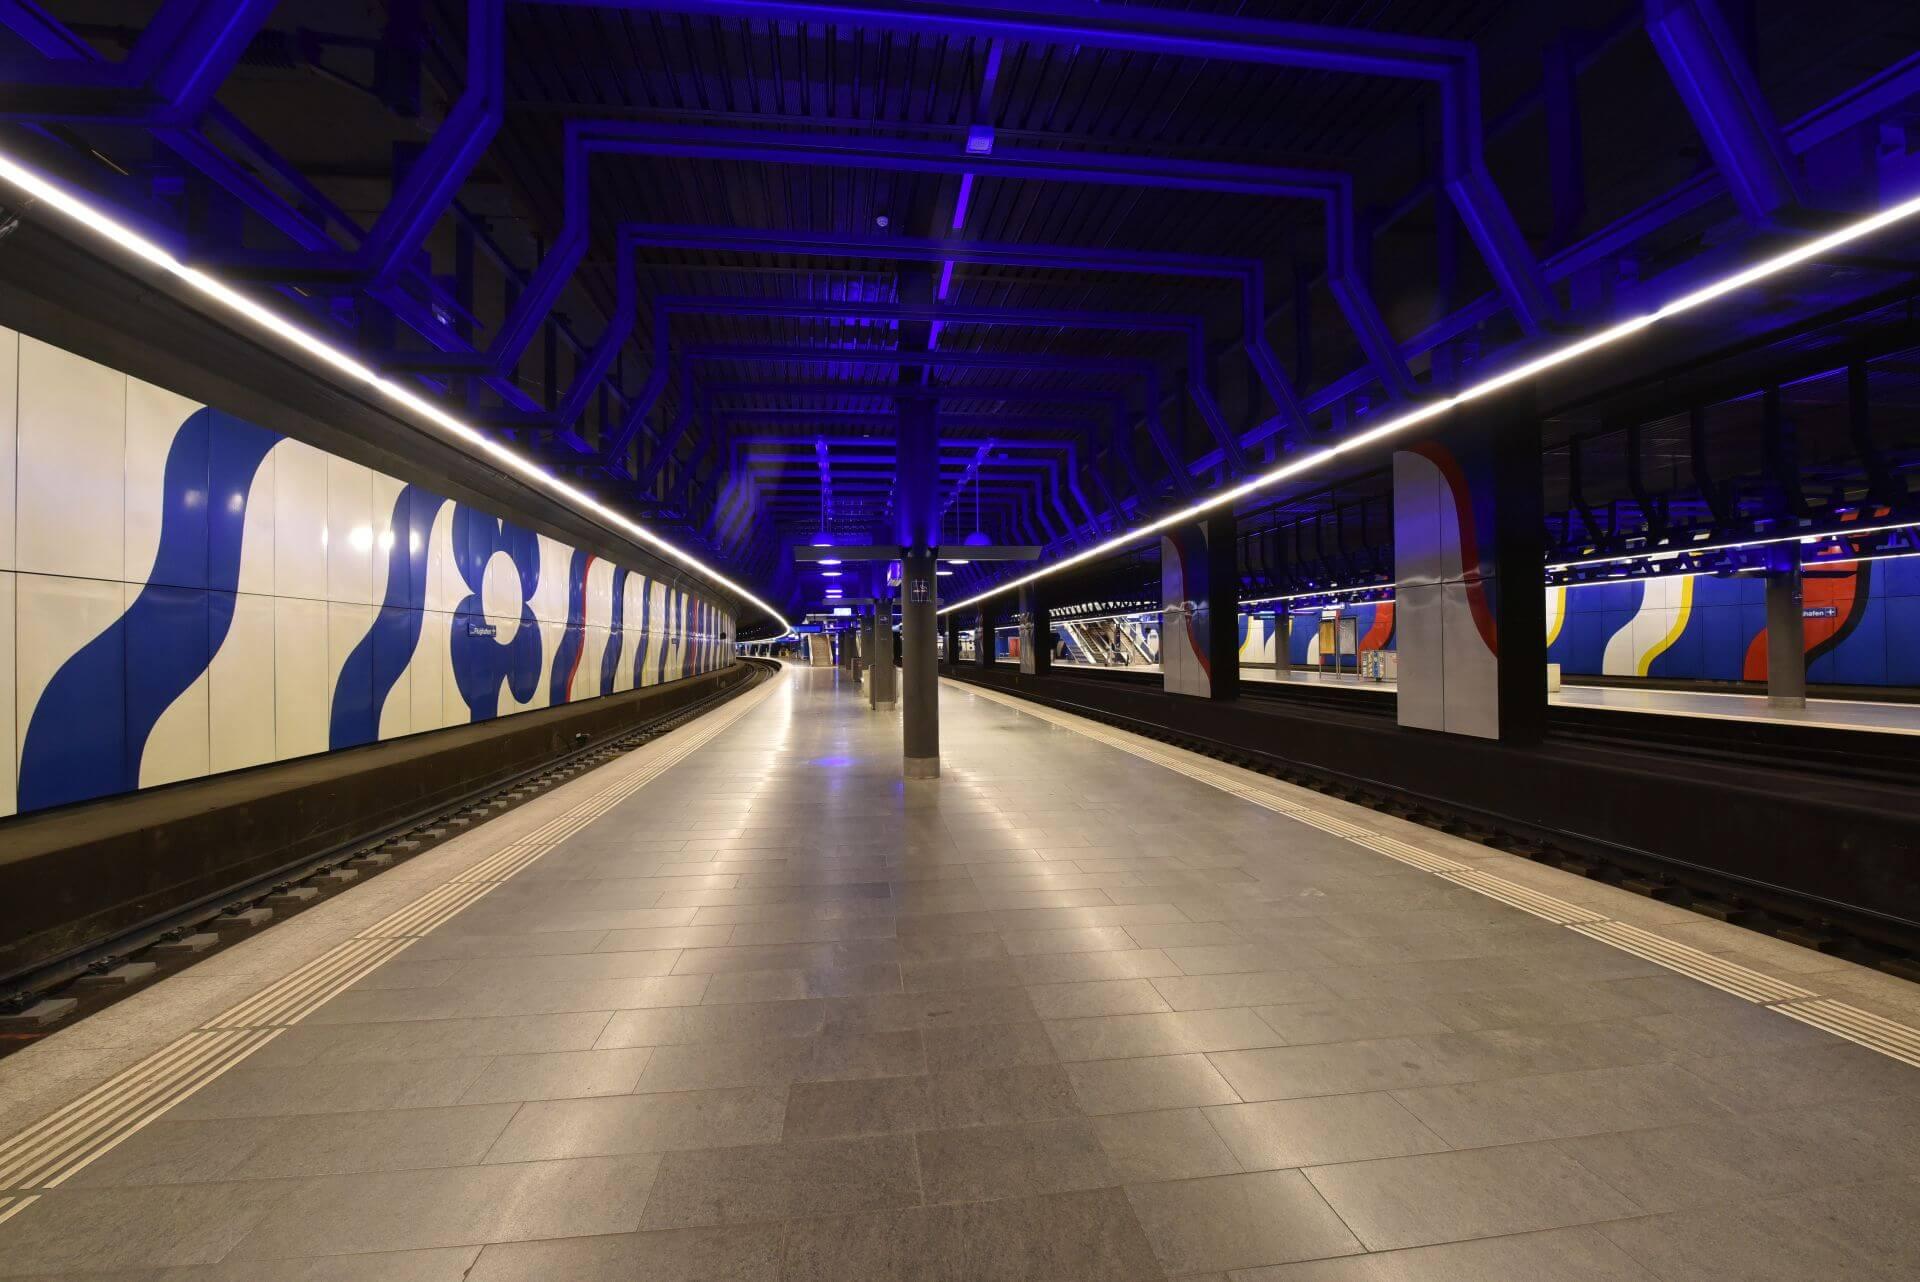 Bahnhof SBB Zürich Flughafen